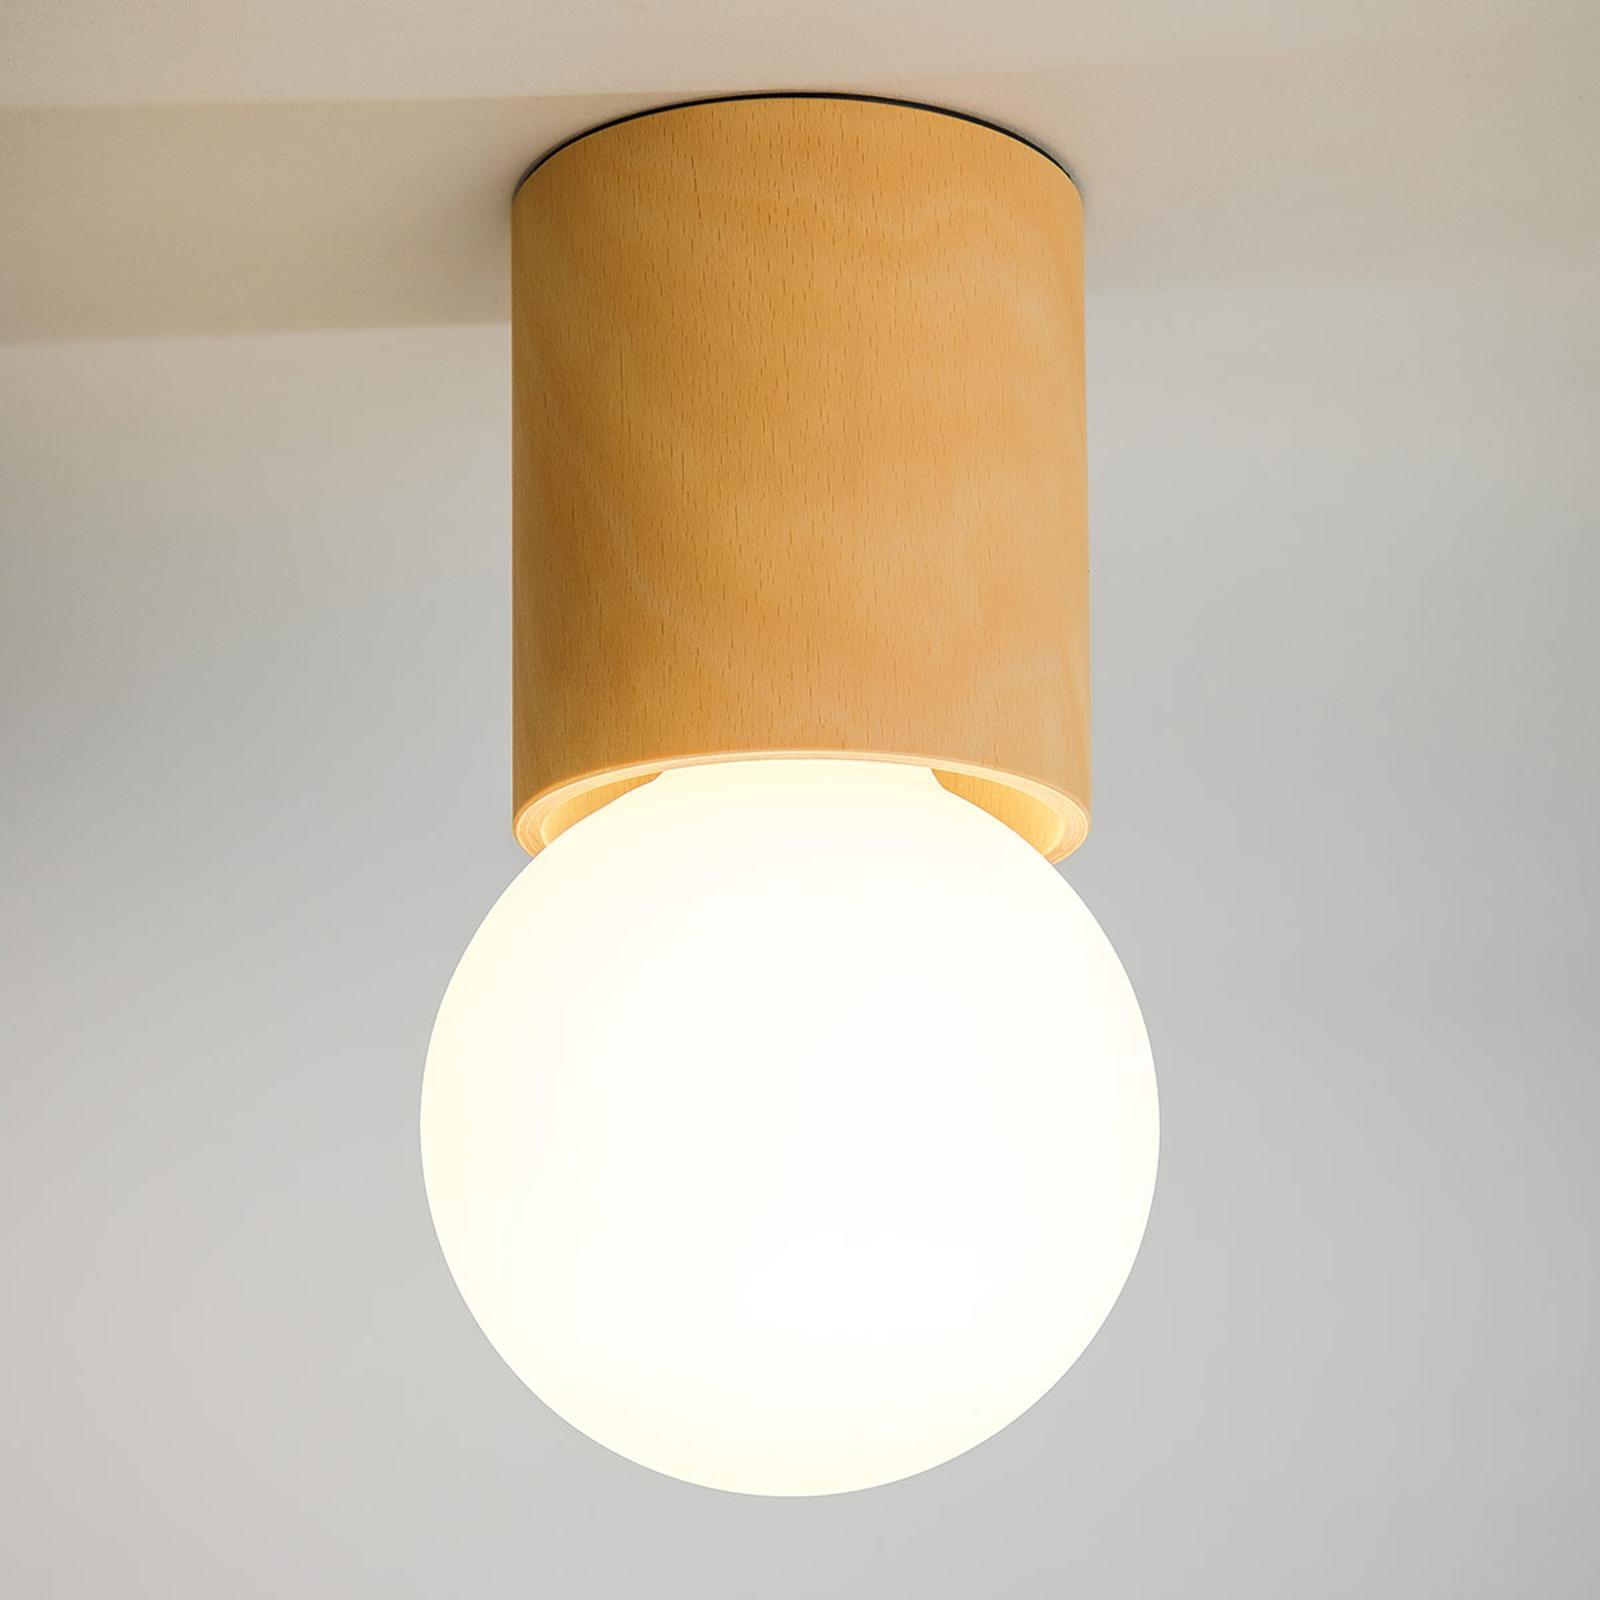 Stropní světlo Tondolo, bukové dřevo